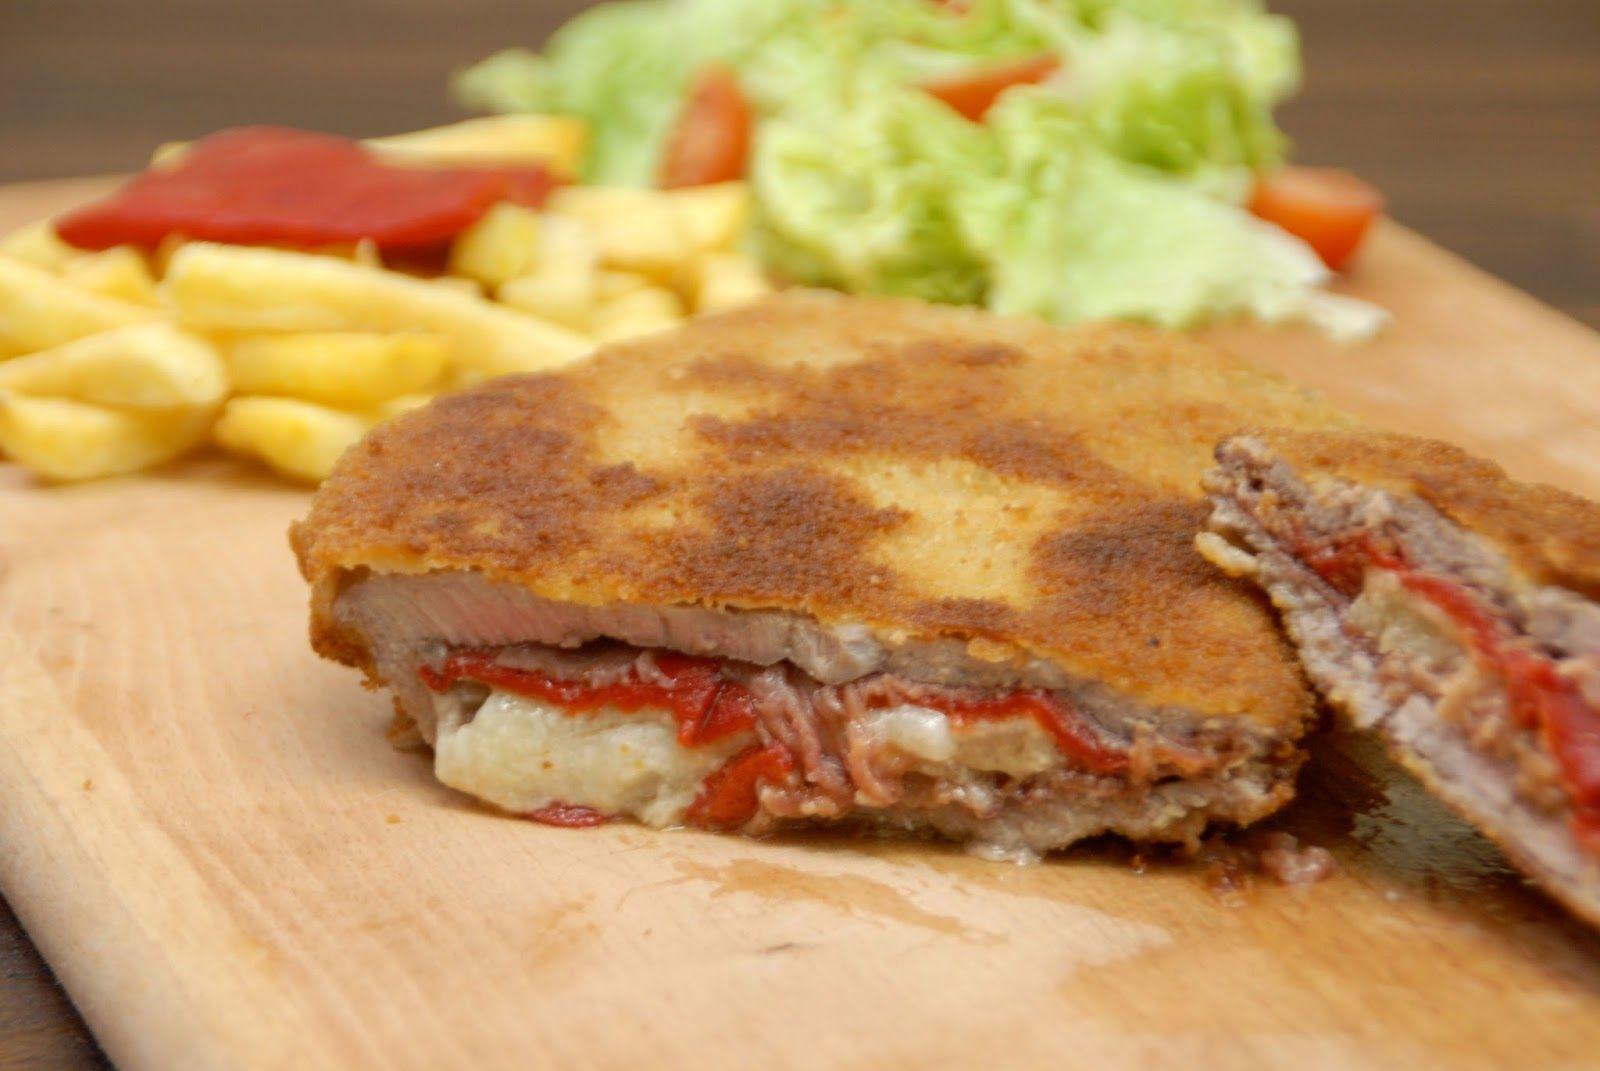 Cachopo Asturiano Receta Tradicional Asturiana Saltando La Dieta Cachopo Recetas Deliciosas Comida